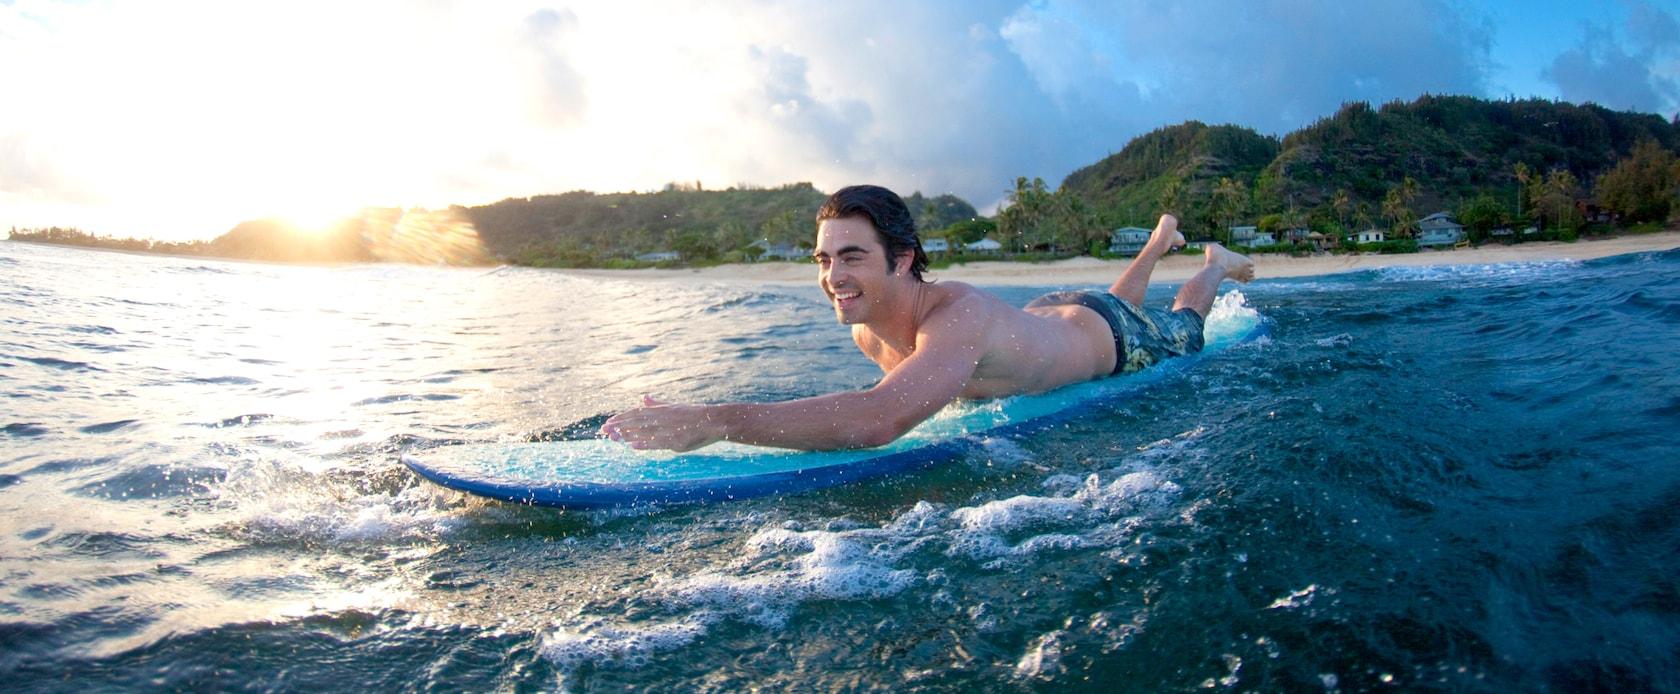 サーフボードに乗り海に出る若い男性、その向こうには木に覆われた丘のある海岸線がひろがります